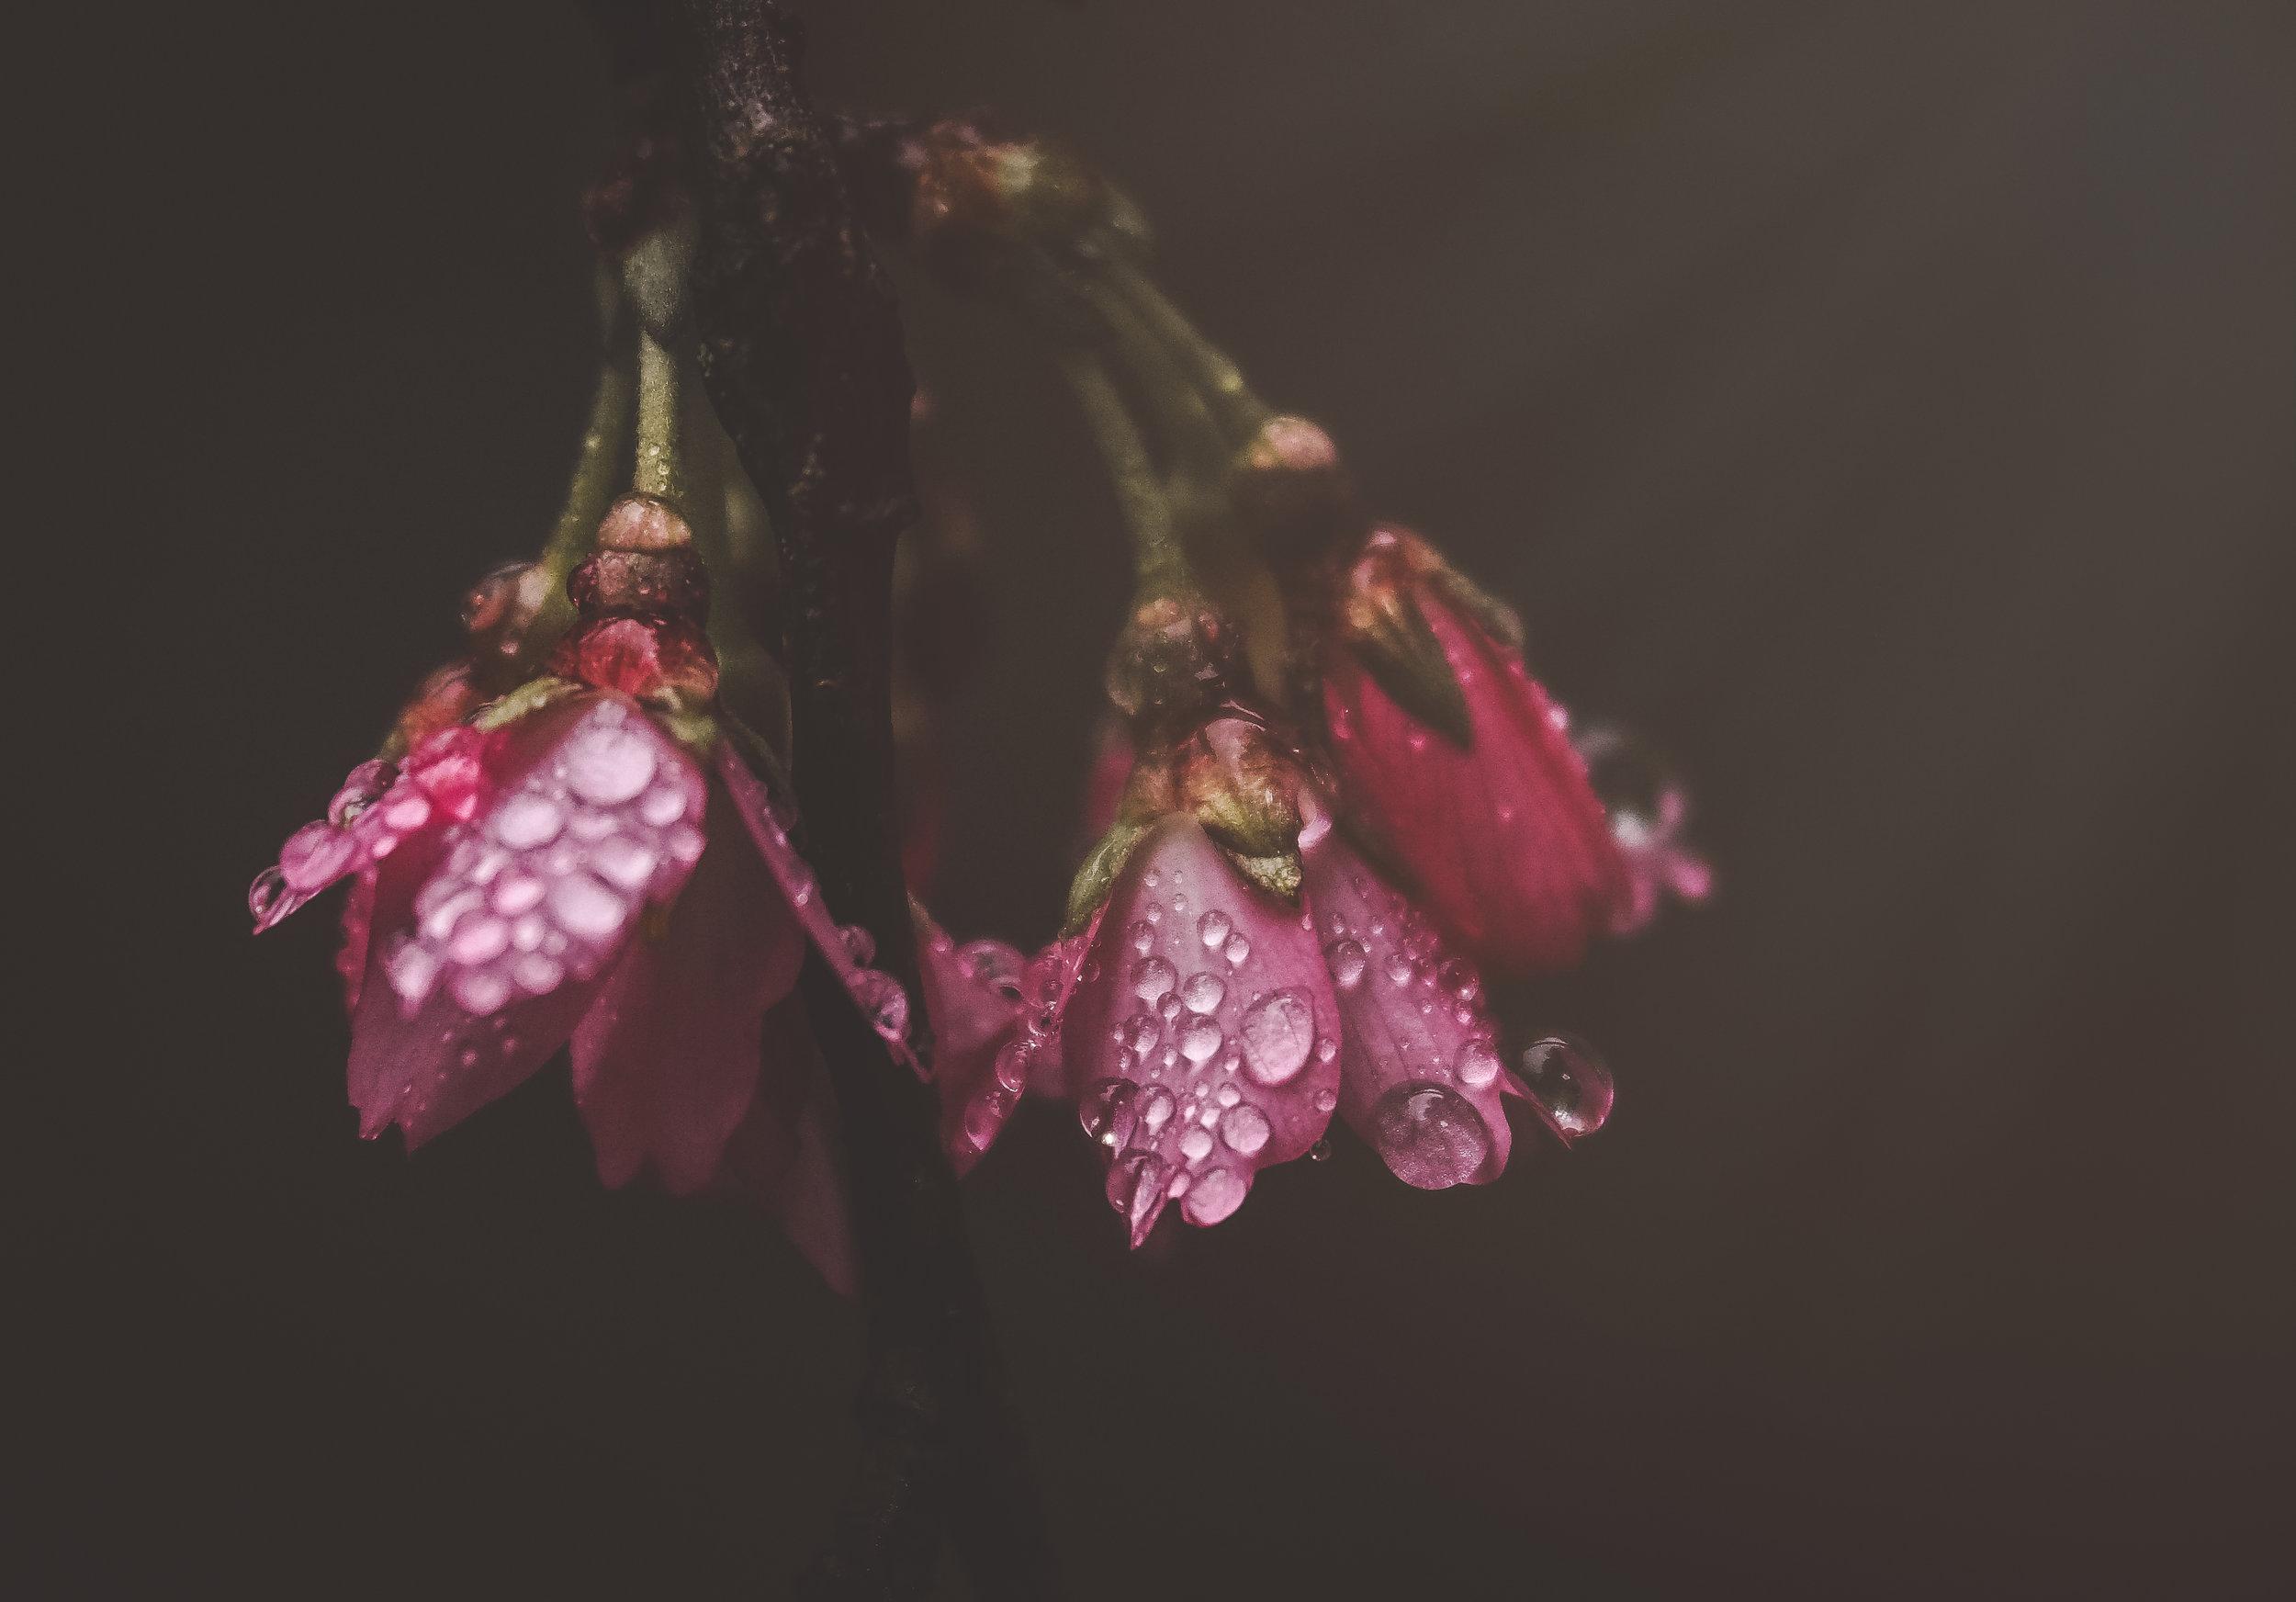 spring flowers3 (1 of 1).jpg